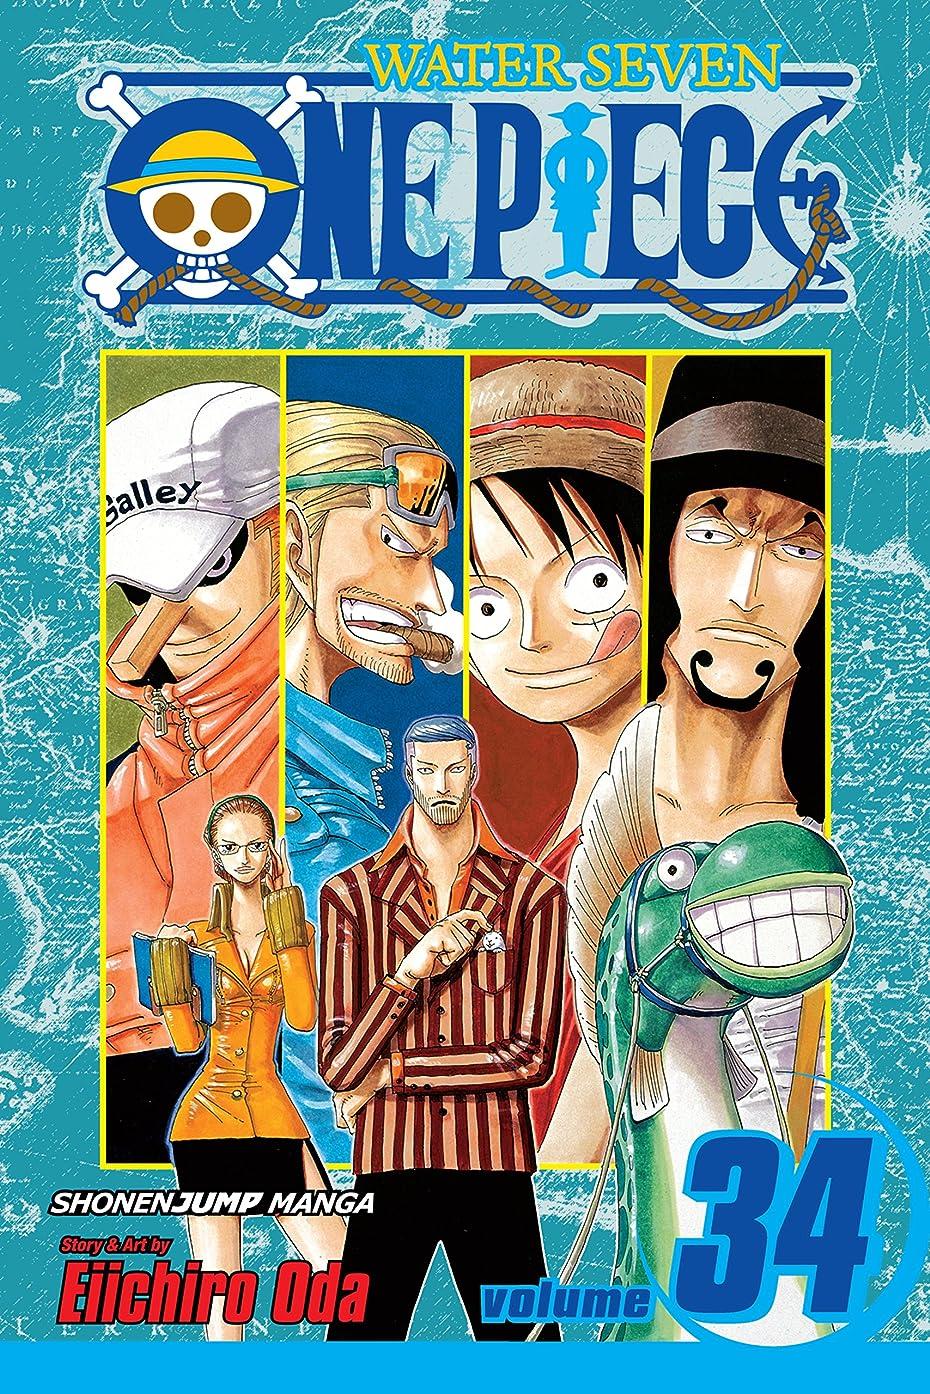 手限られた苦悩One Piece, Vol. 34: The City of Water, Water Seven (One Piece Graphic Novel) (English Edition)